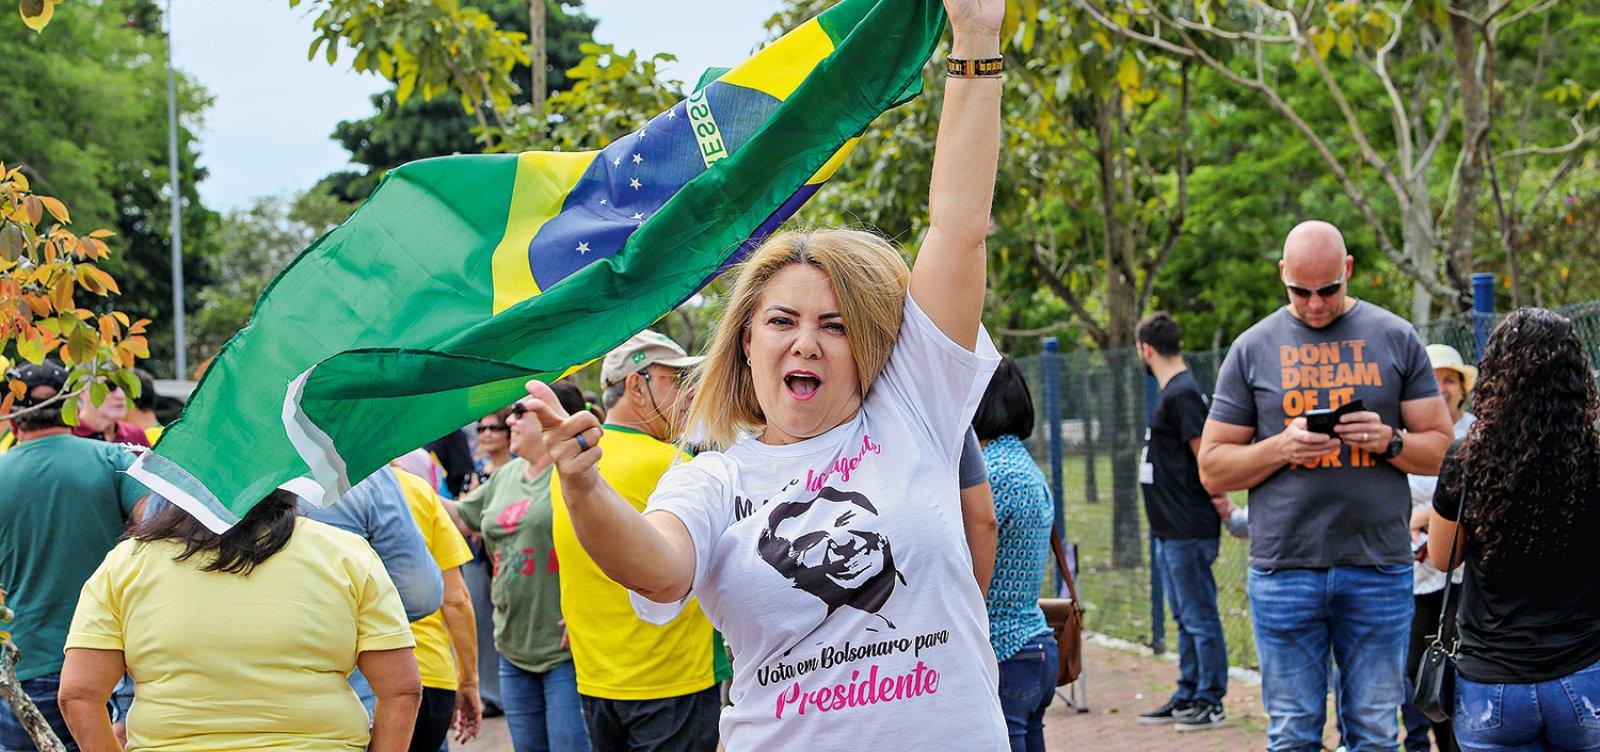 Em processo, ex-mulher acusa Bolsonaro de furto de cofre e ameaça de morte